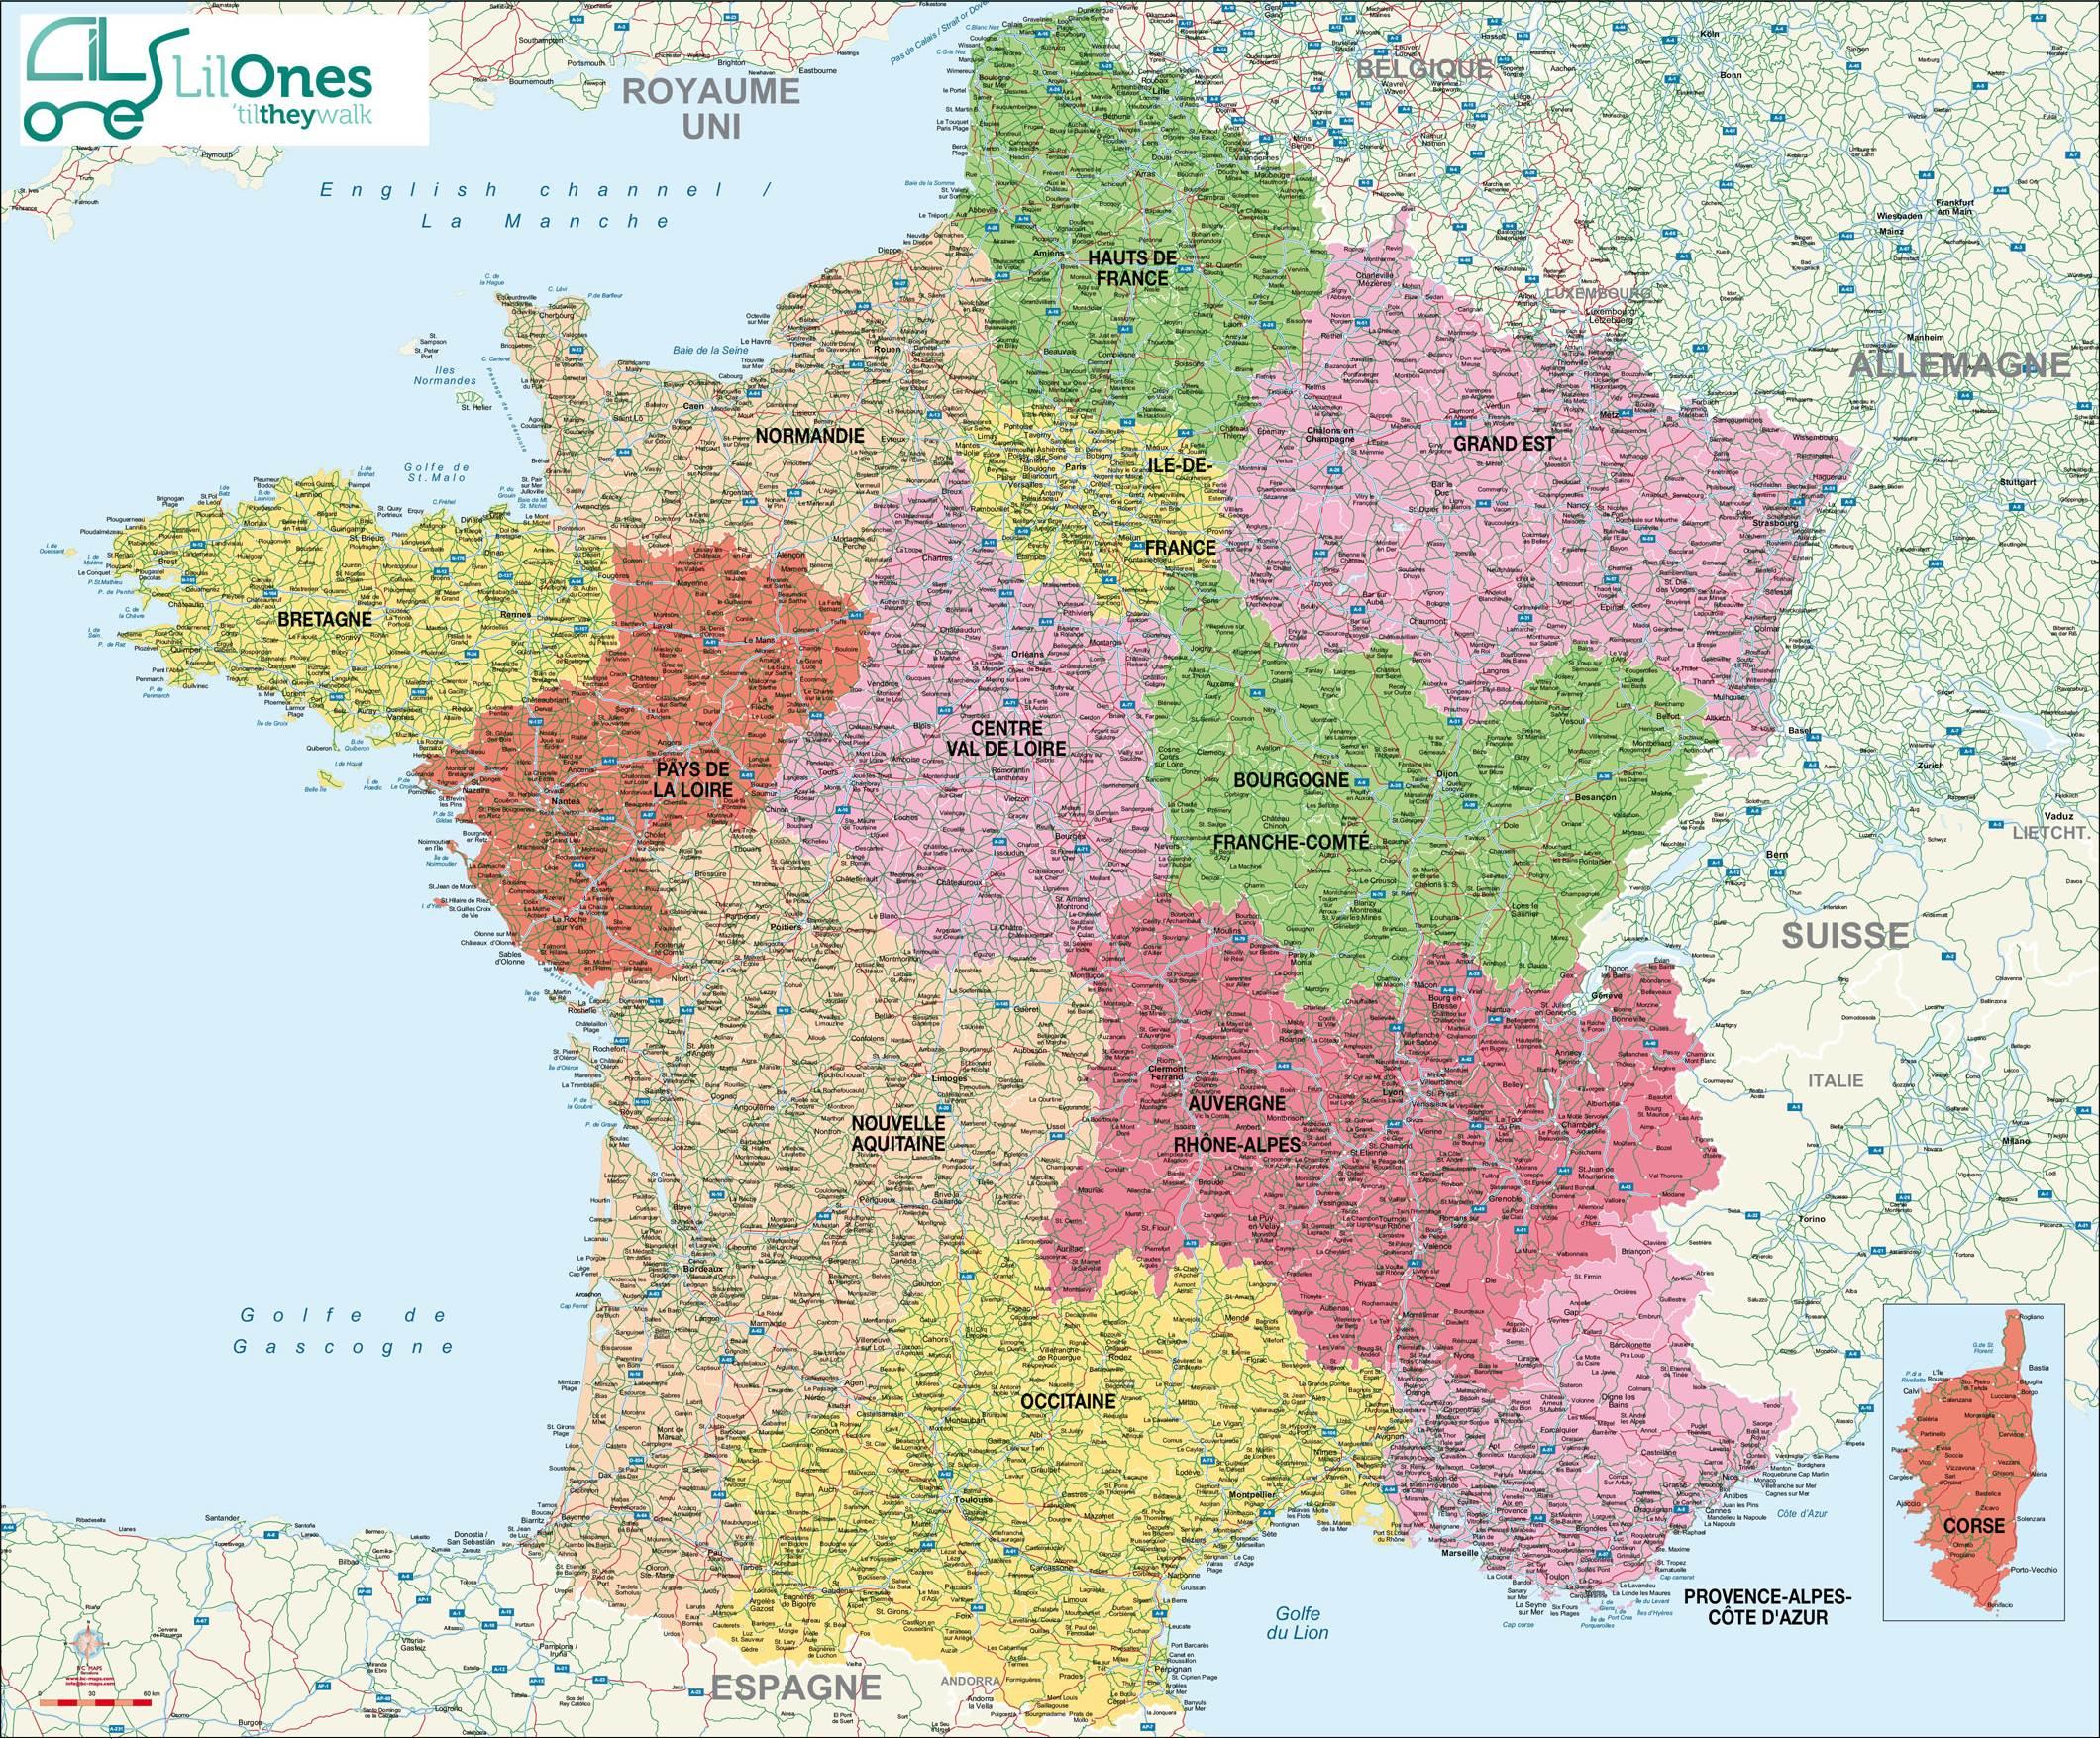 Cartes De France : Cartes Des Régions, Départements Et avec Carte De France Avec Les Départements